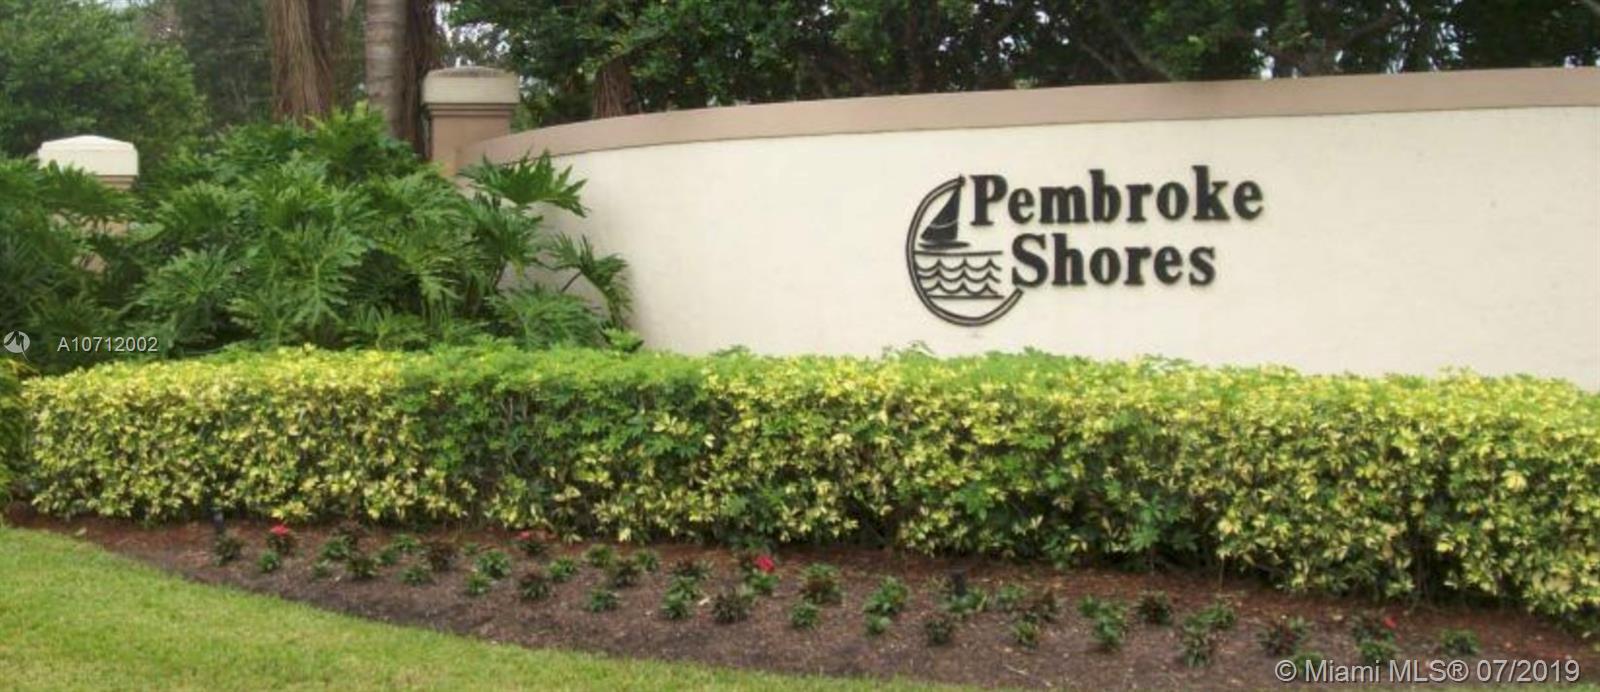 Pembroke Shores #137 - 09 - photo